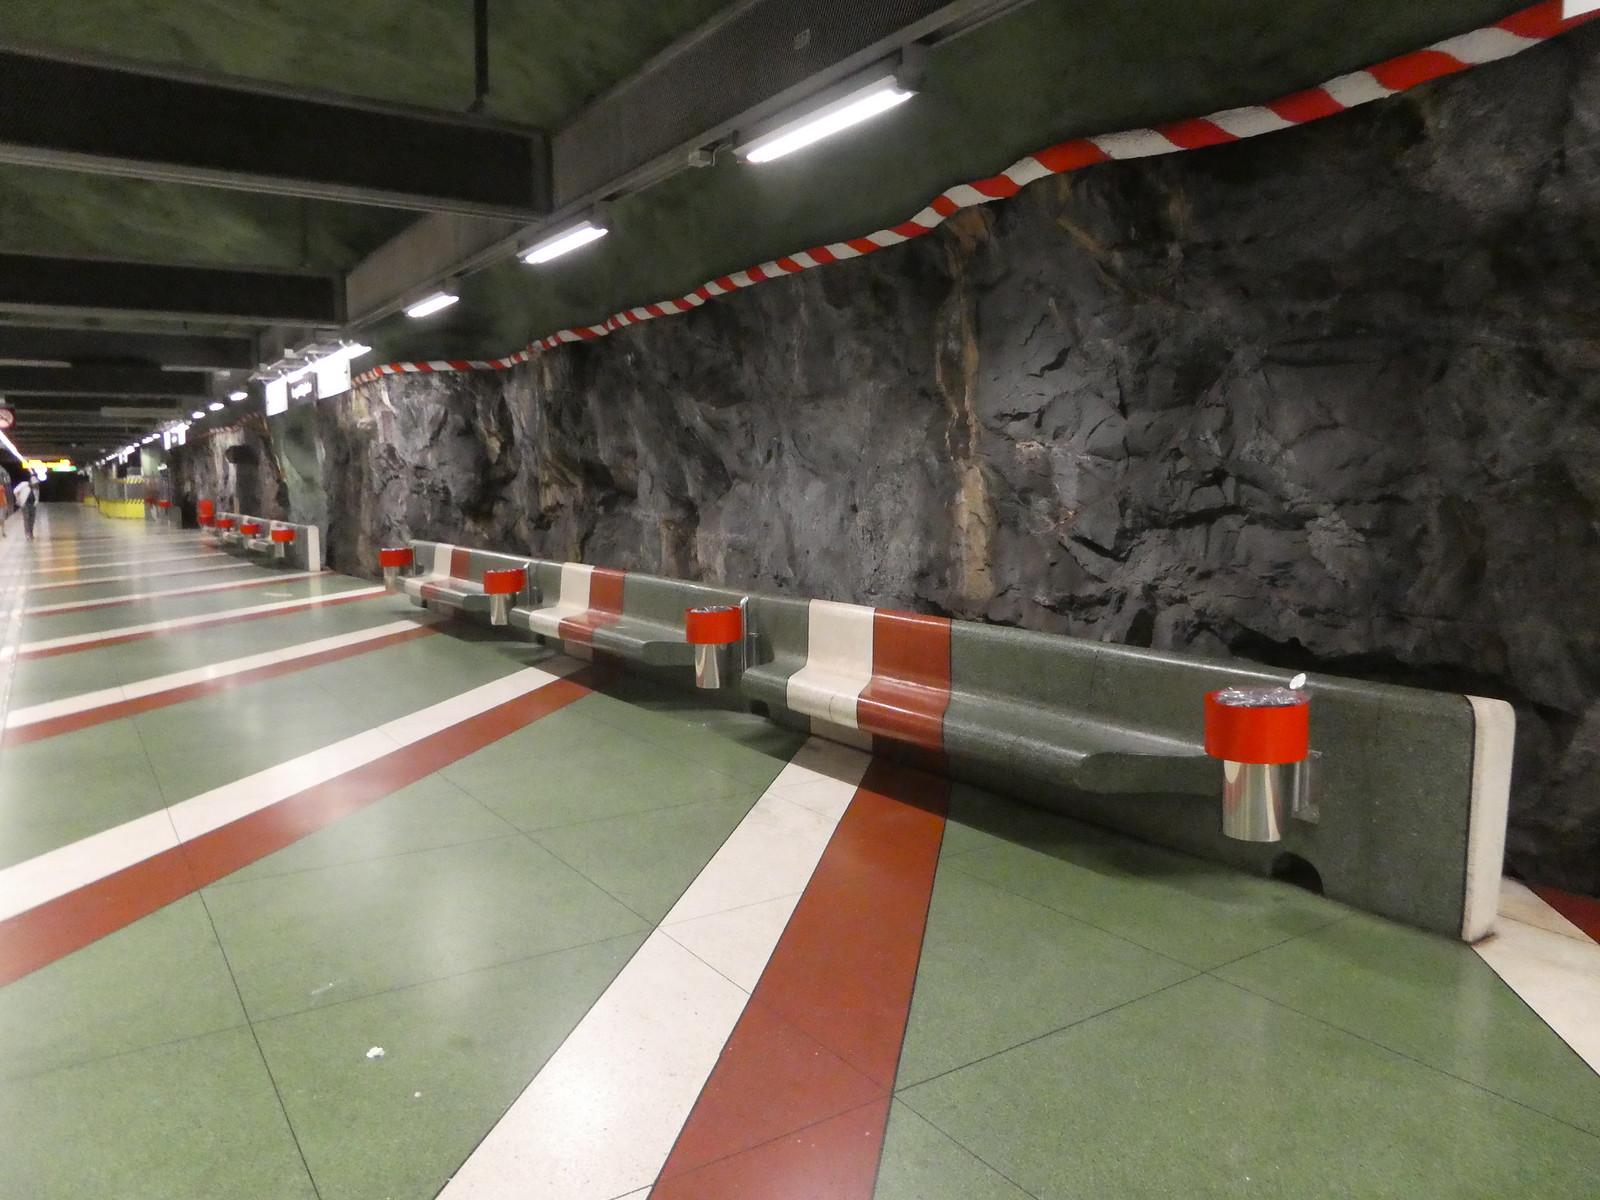 Kungsträdgården Metro Station, Stockholm